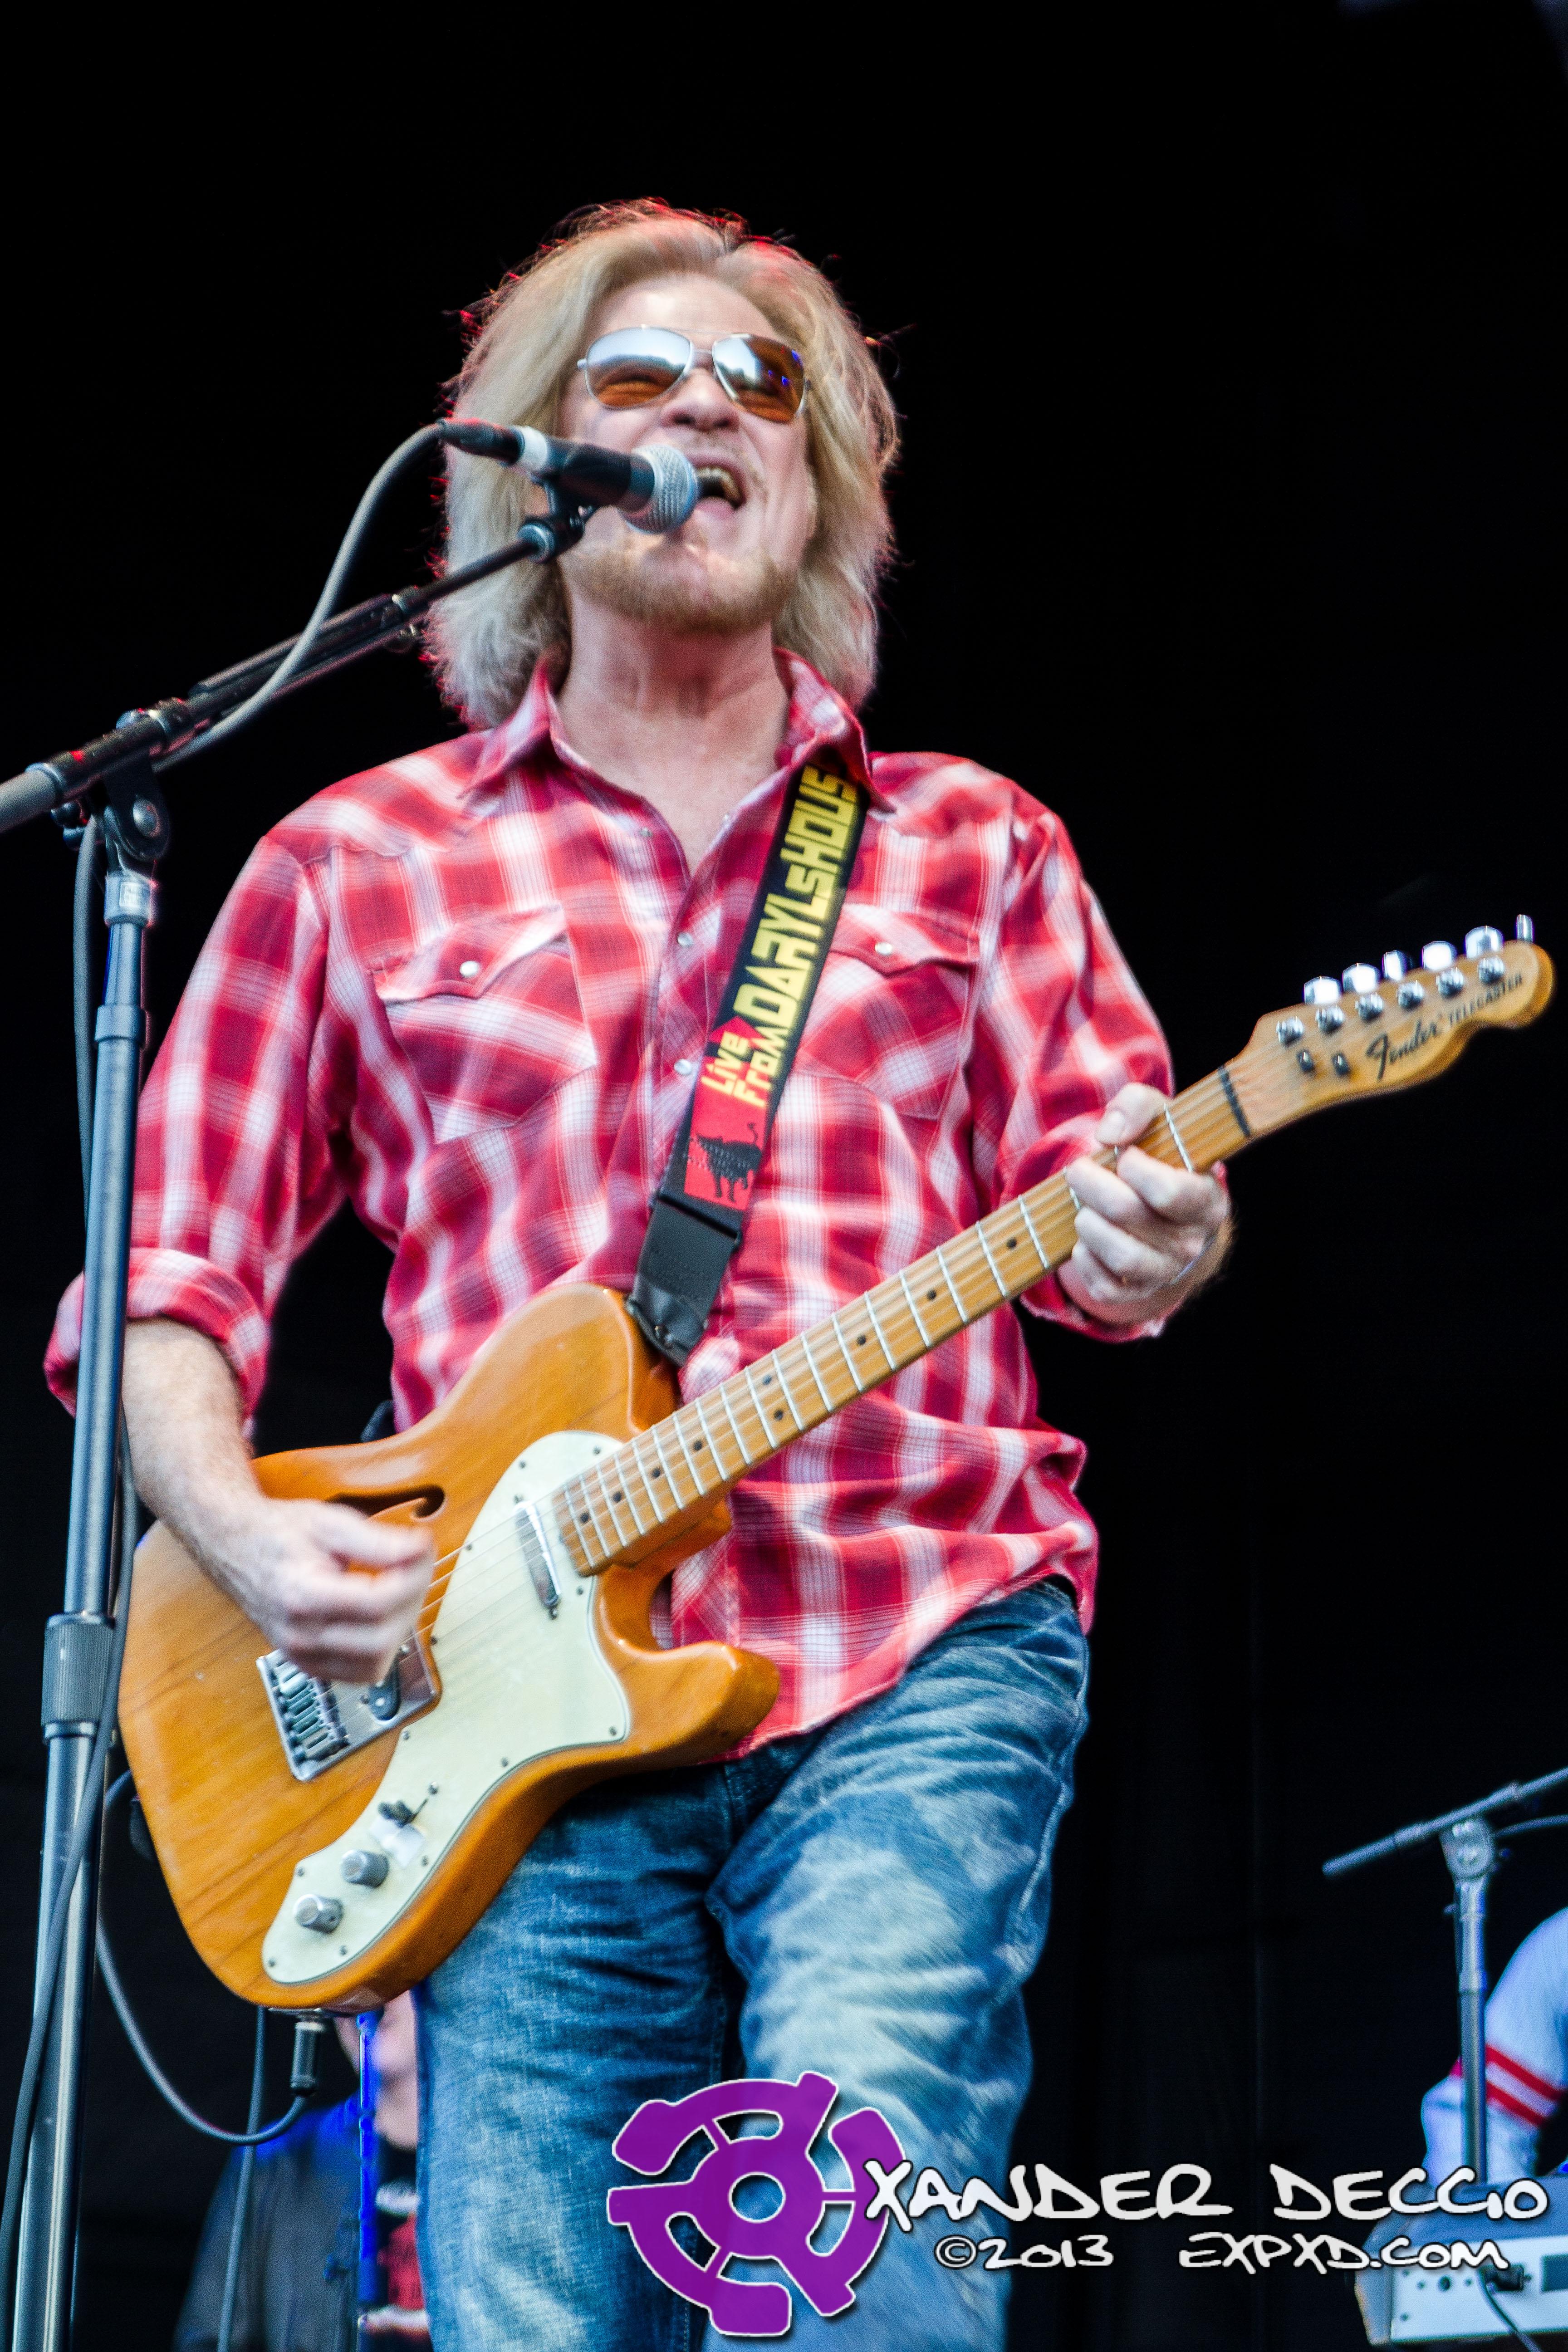 Darryl Hall & John Oates Live @ Maryhill Winery– 8/13/13 (Photo by Xander Deccio)